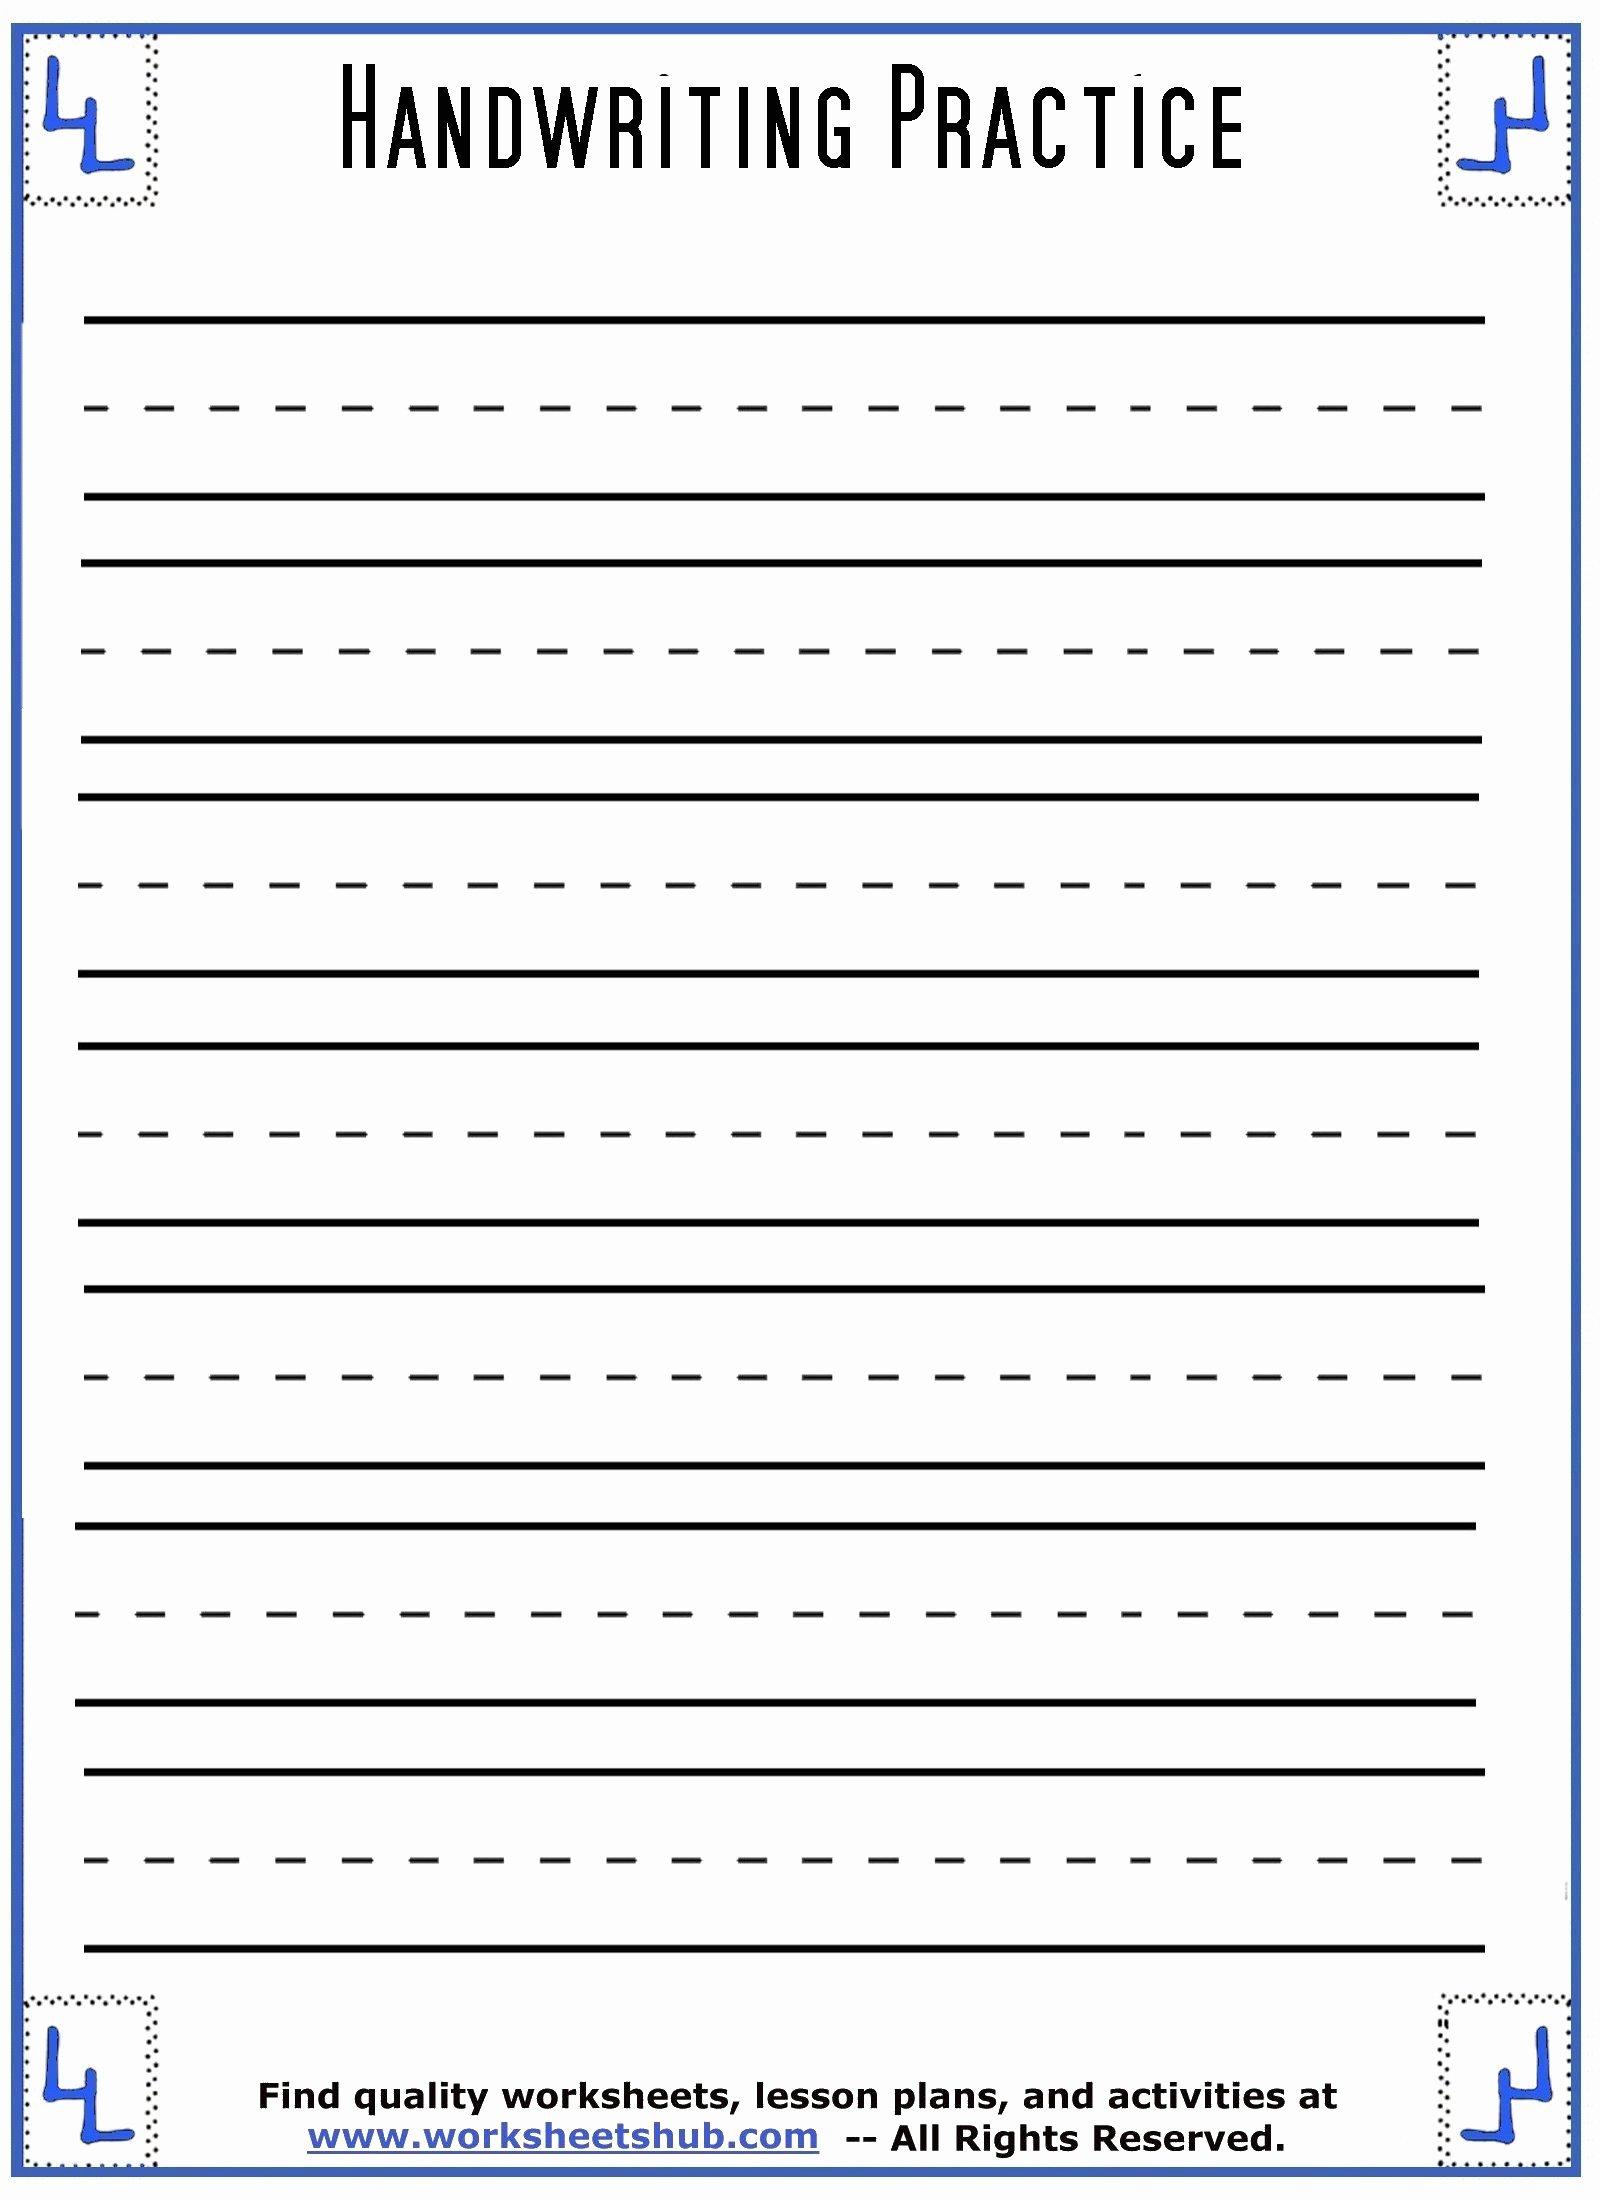 Handwriting Worksheets for Preschoolers Free Lovely Worksheets Handwriting Sheets Printable Lined Paper